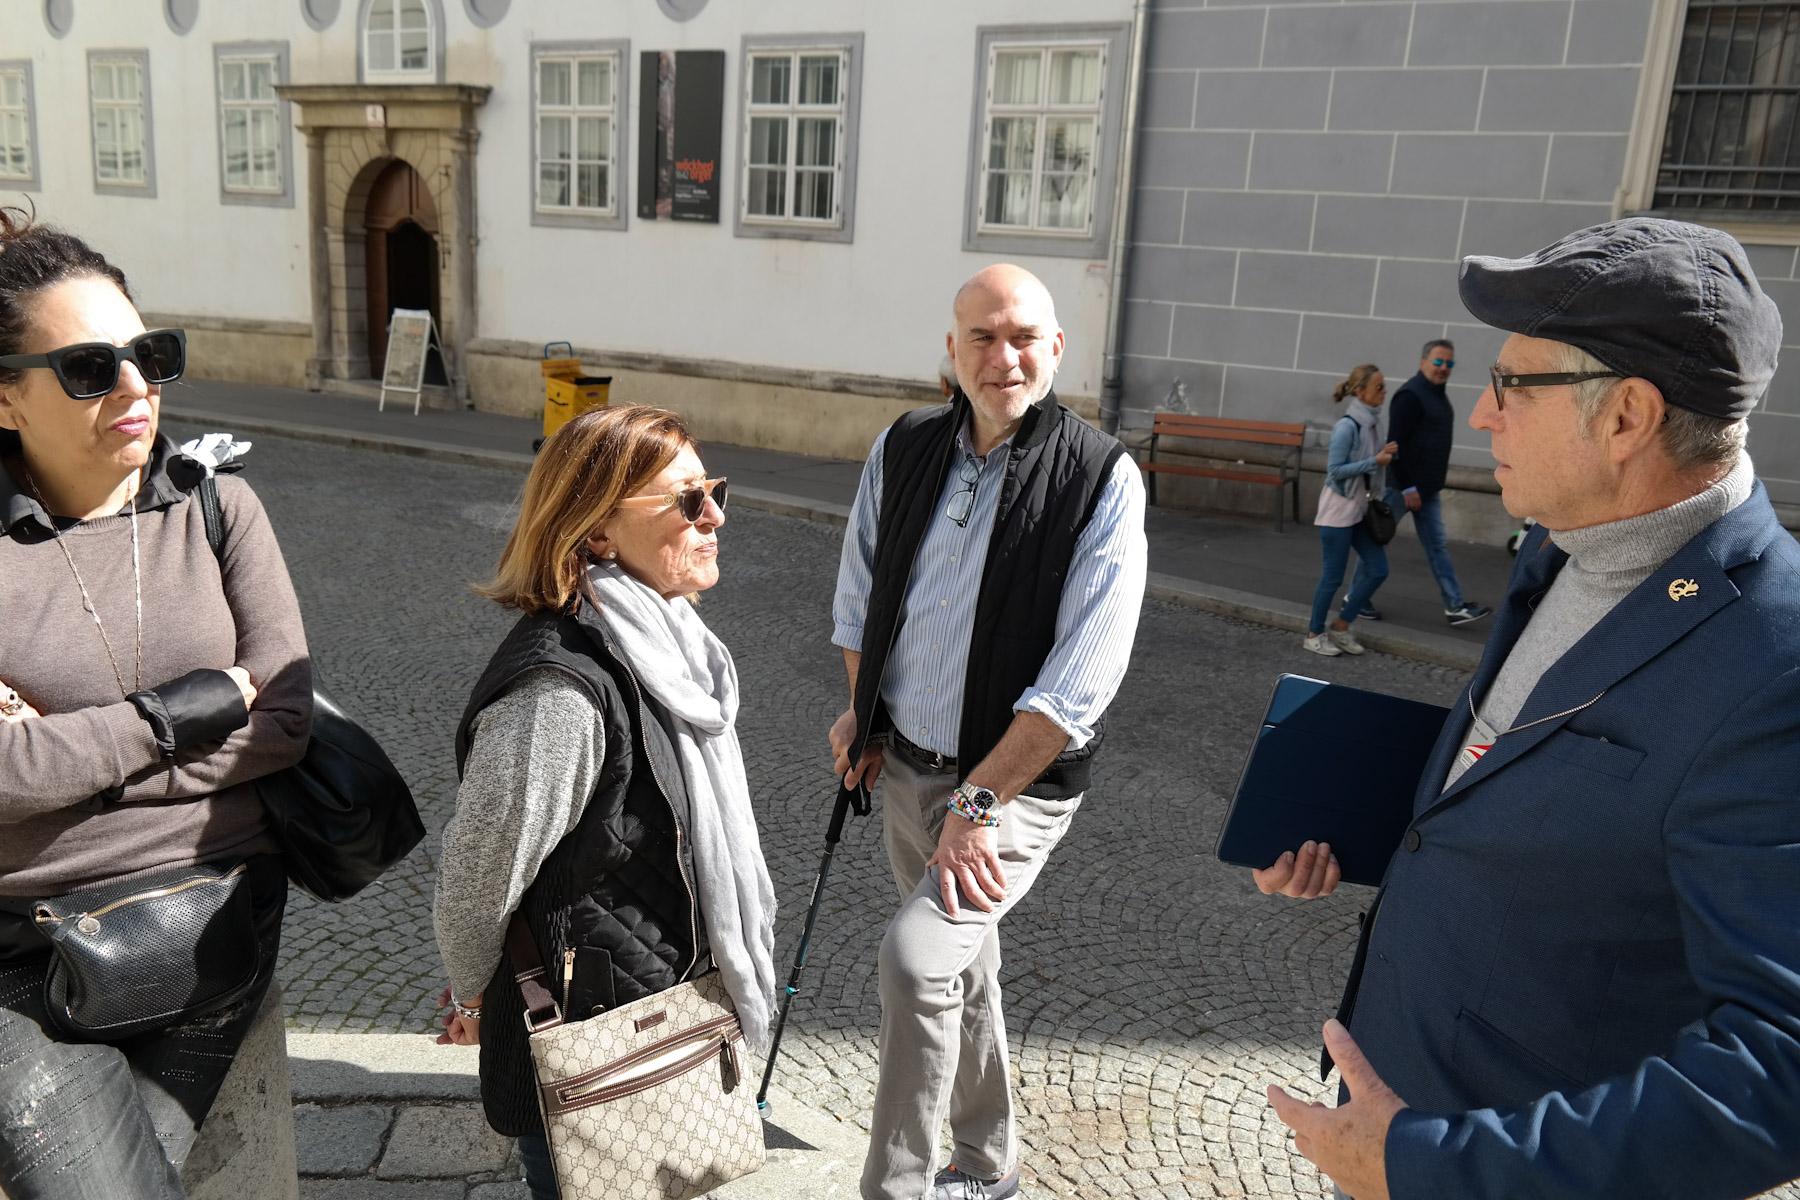 Walter Juraschek, Tour of Vienna, Austria